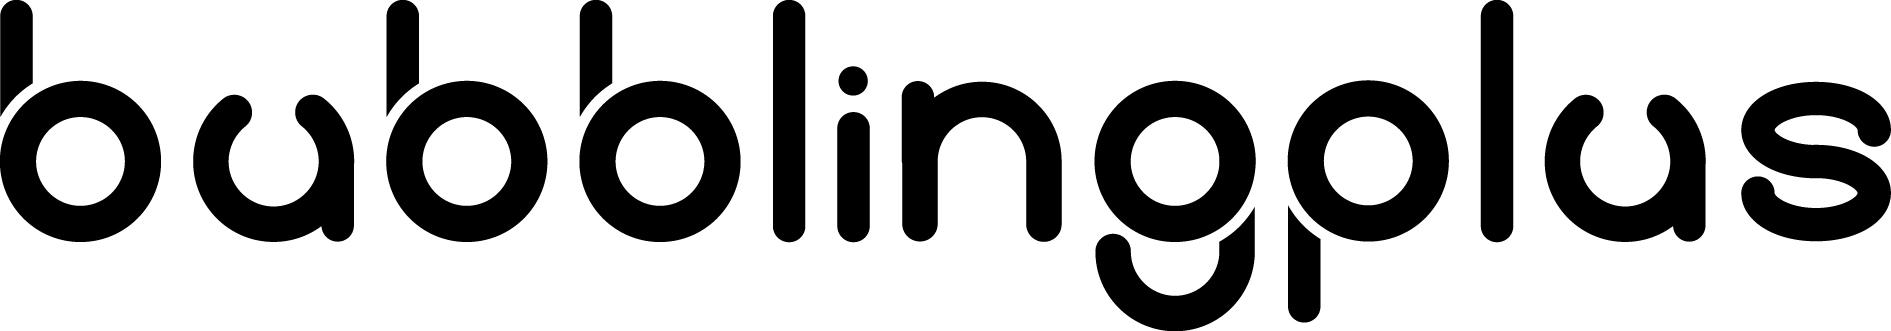 合昇昌國際股份有限公司-Logo